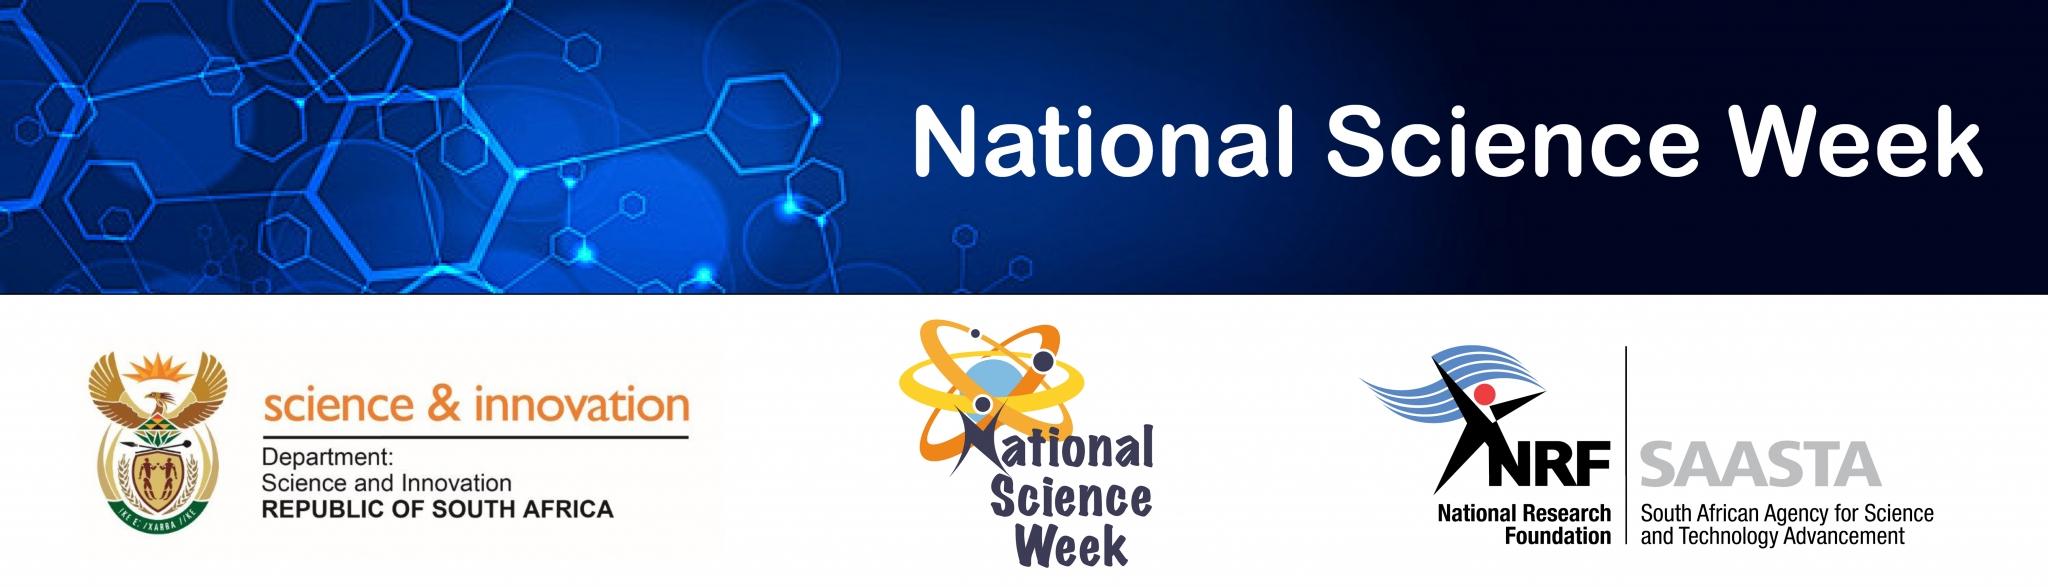 National Science Week 2021